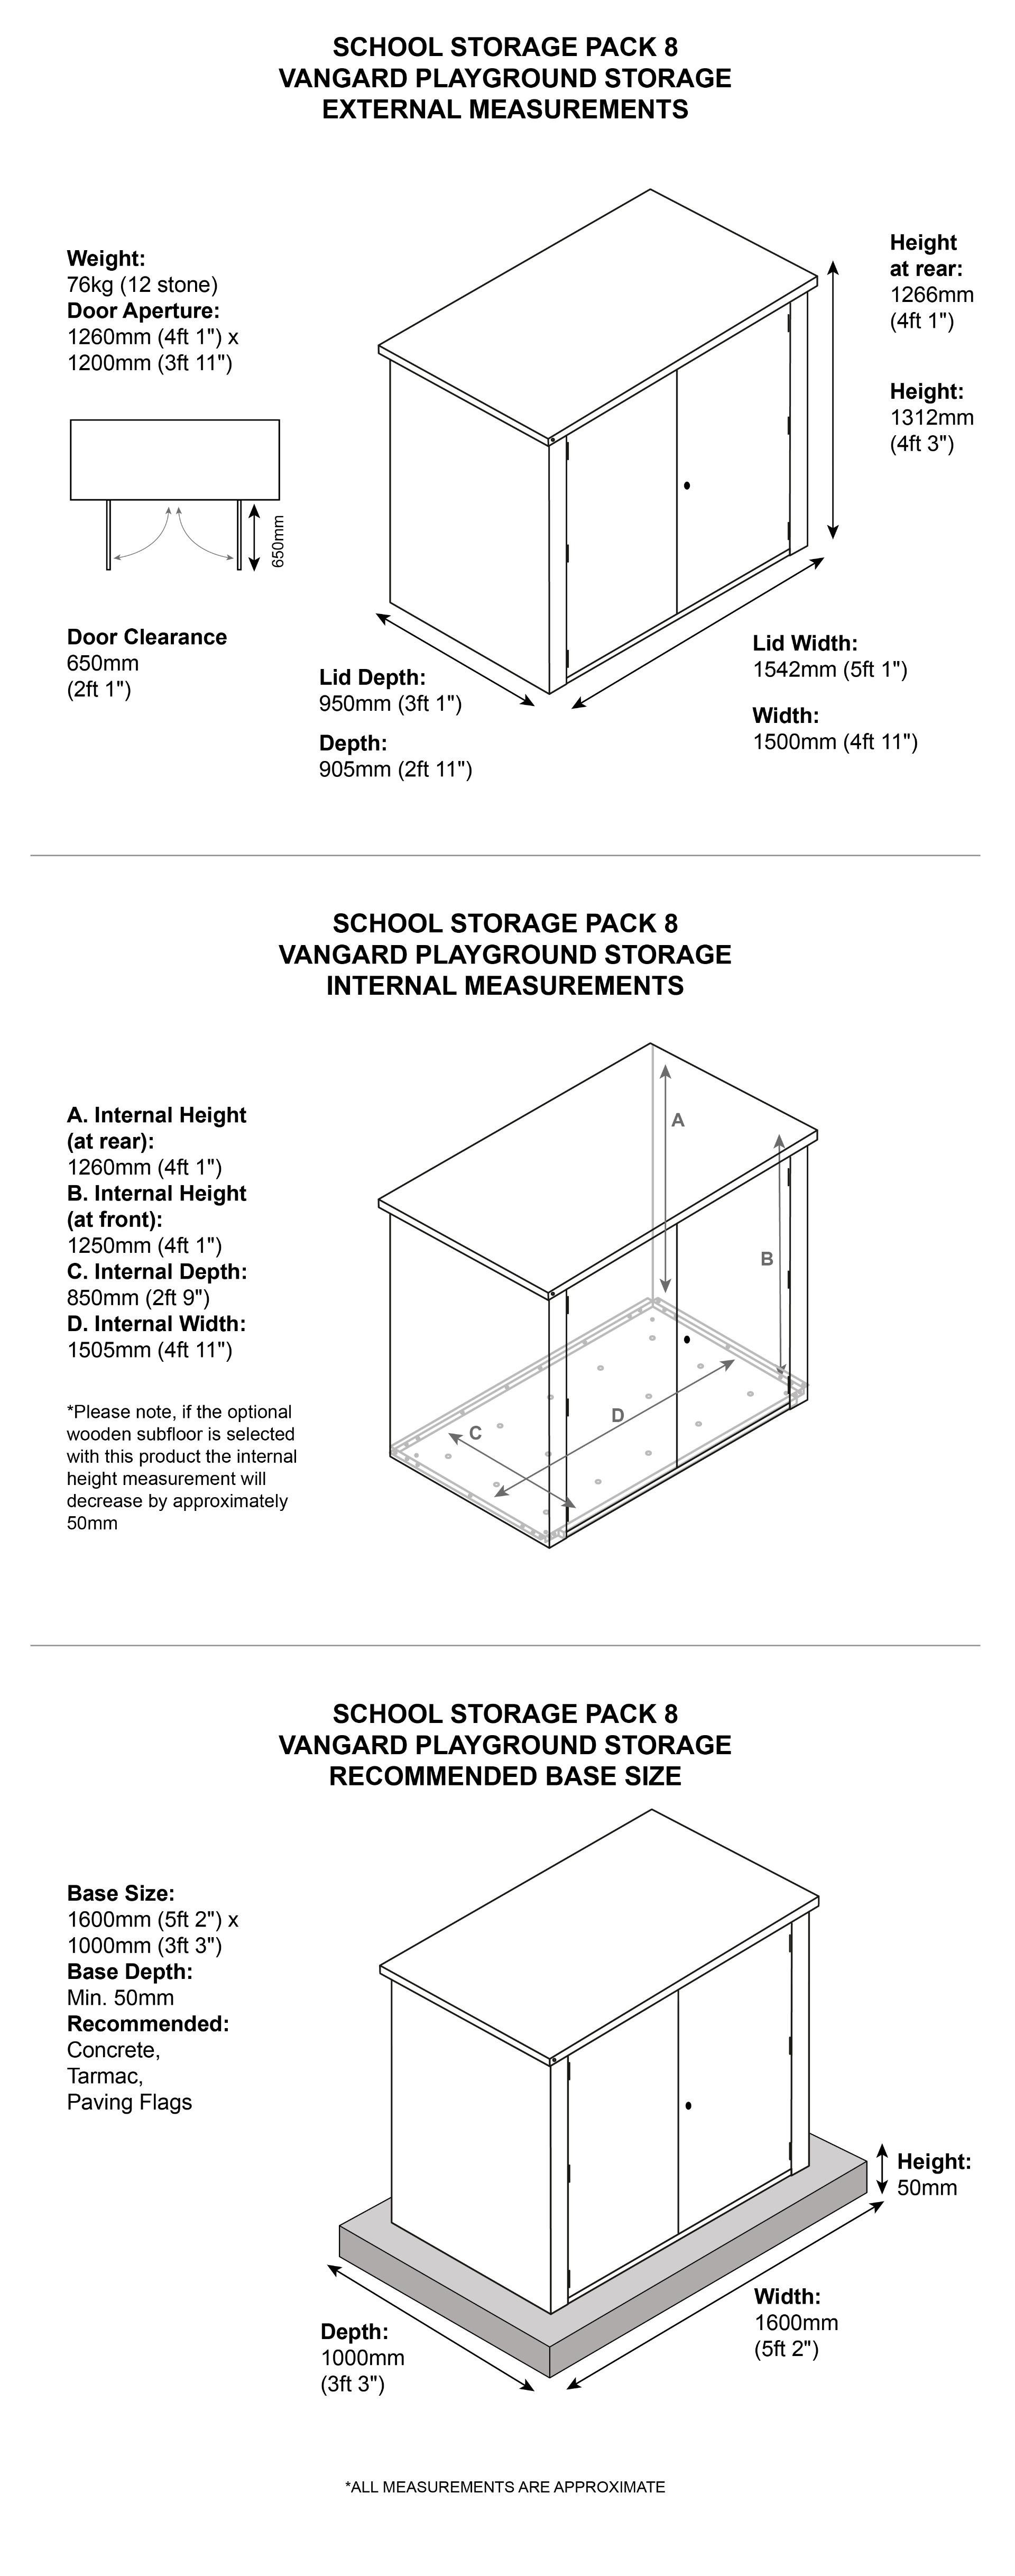 School Storage Pack: 8 Dimensions